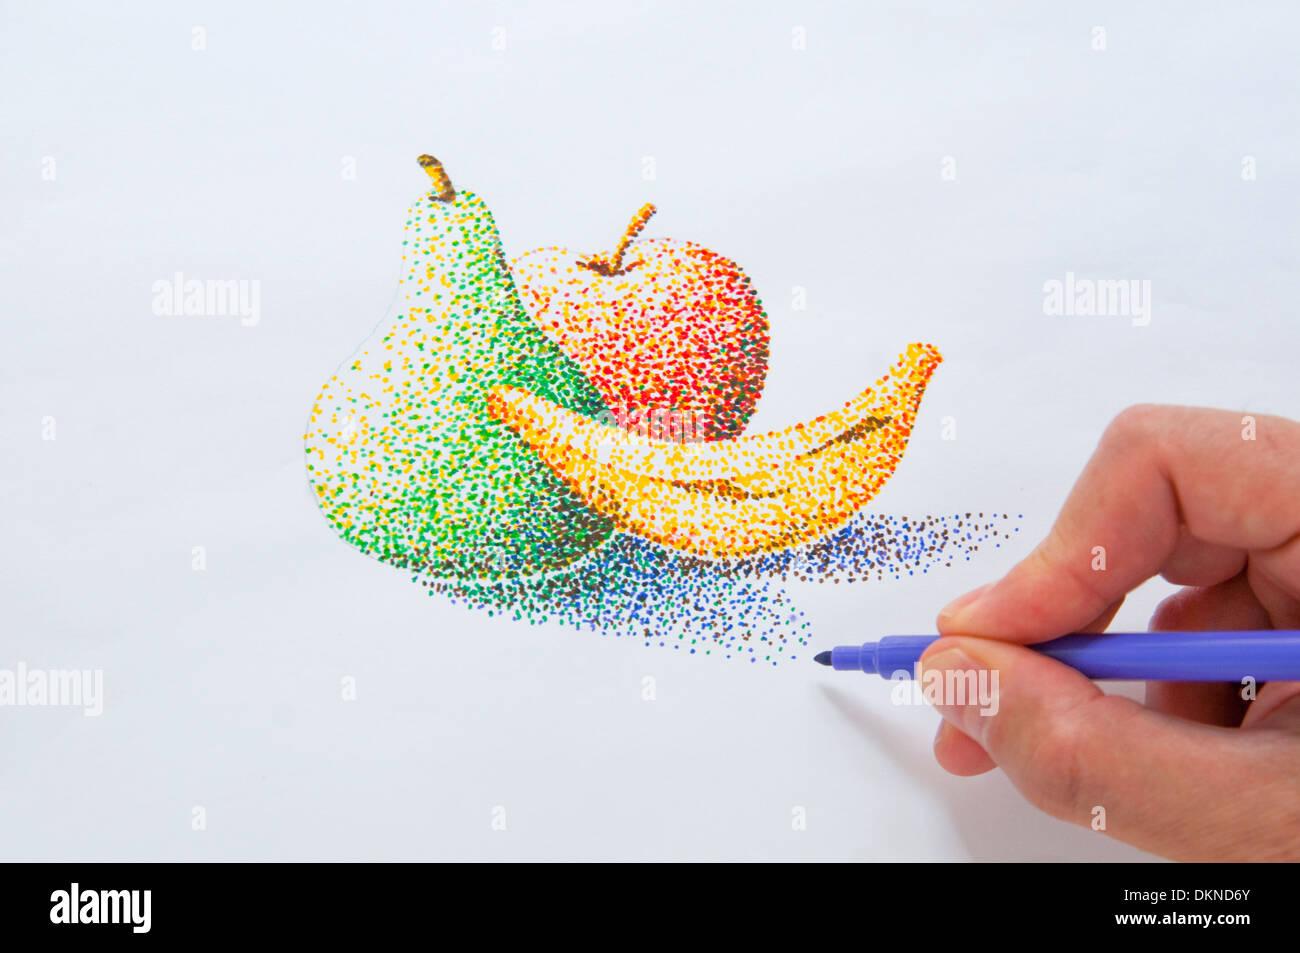 La mano del hombre haciendo un dibujo pointillism con marcadores de color. Cerrar vista. Imagen De Stock